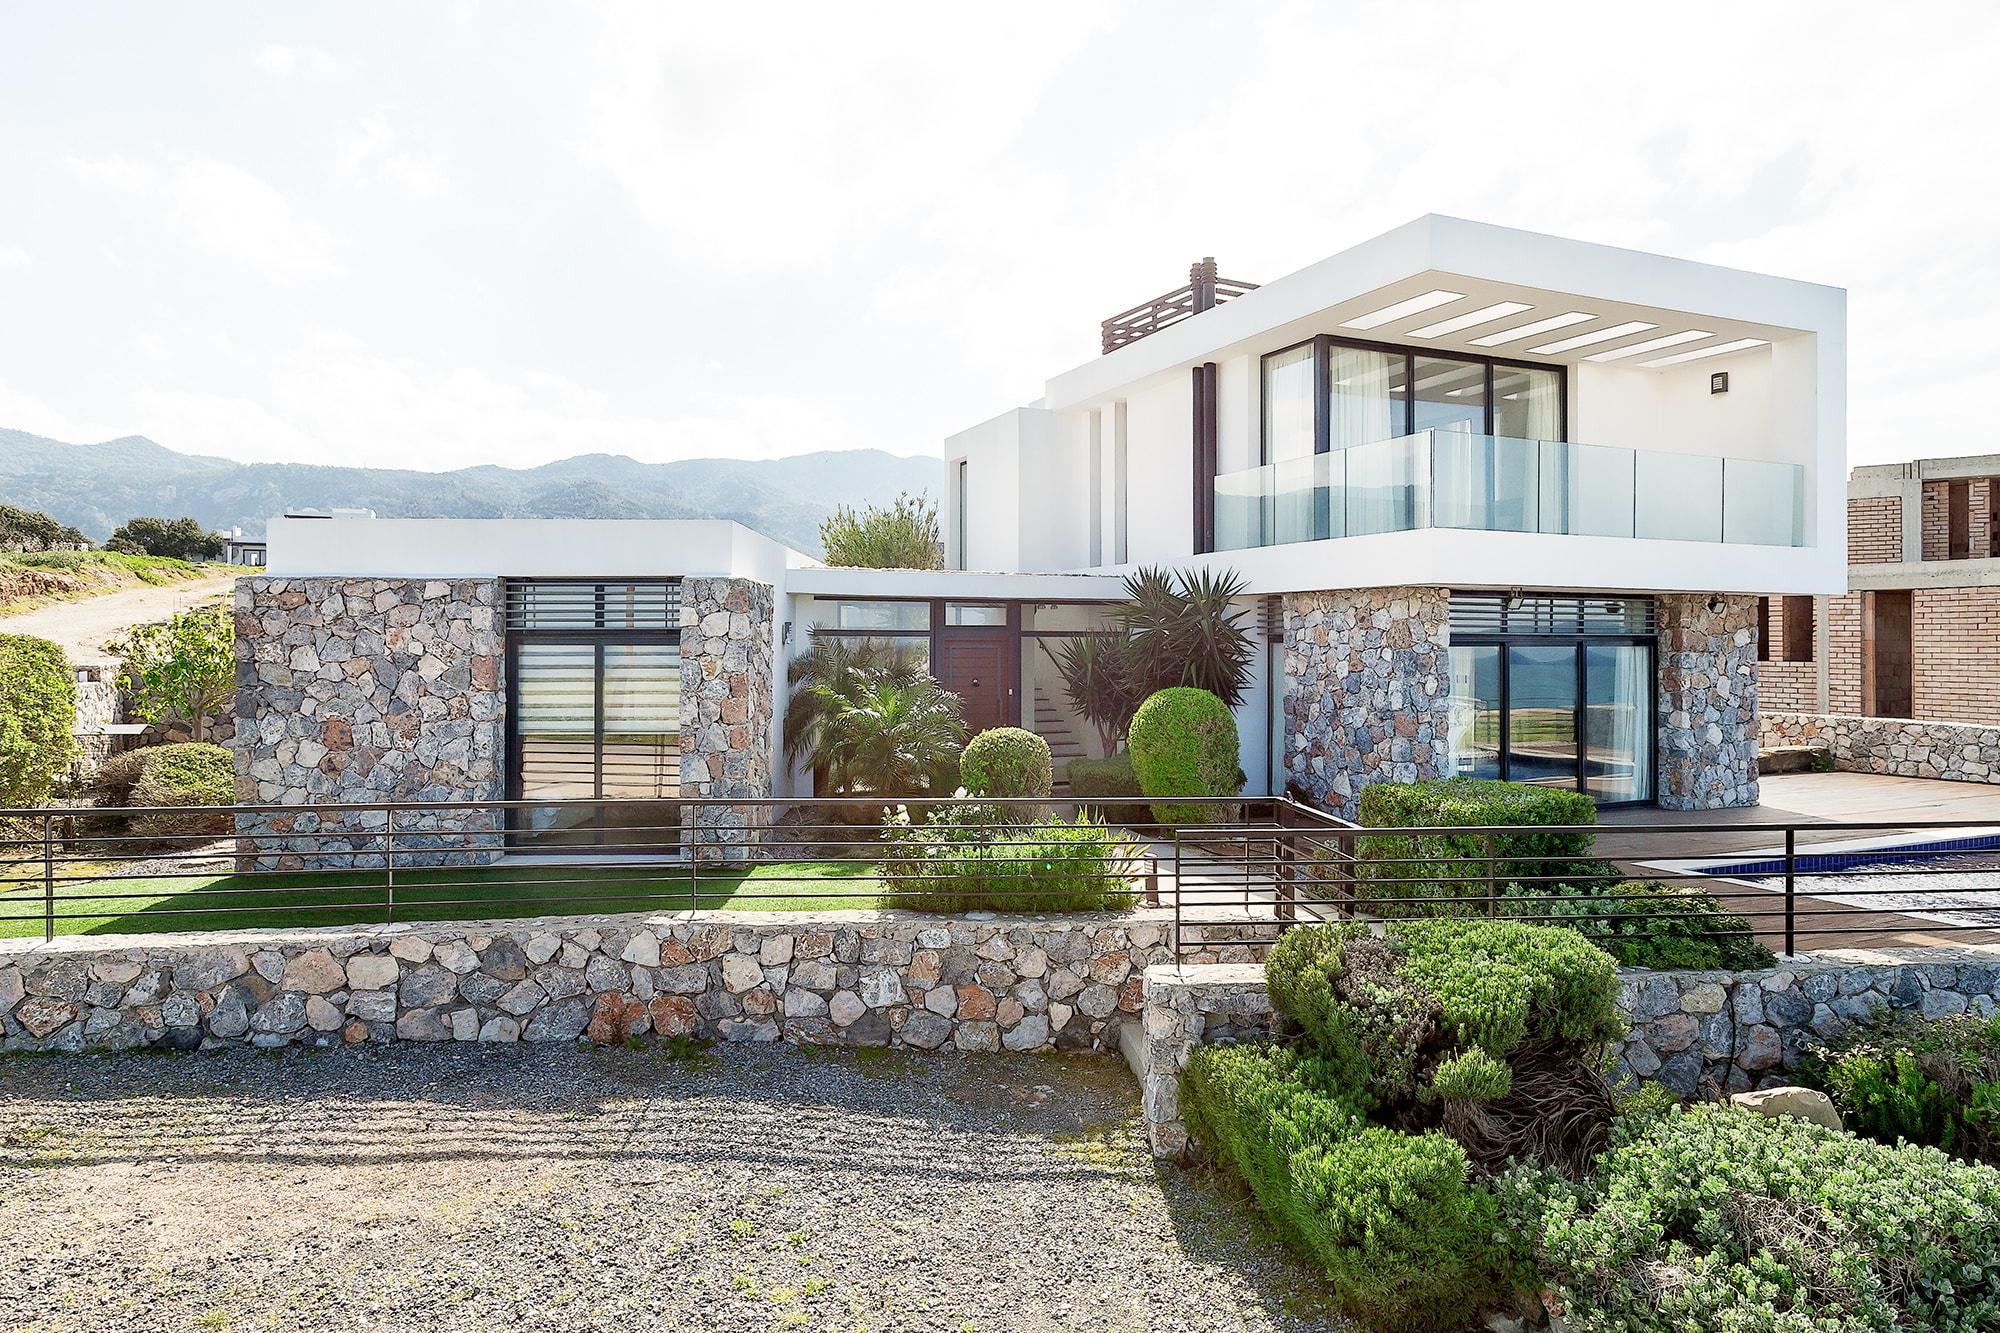 Bahçeli'de Satılık Denize Sıfır 3 Yatak Odalı ve Özel Havuzlu Villalar 9857